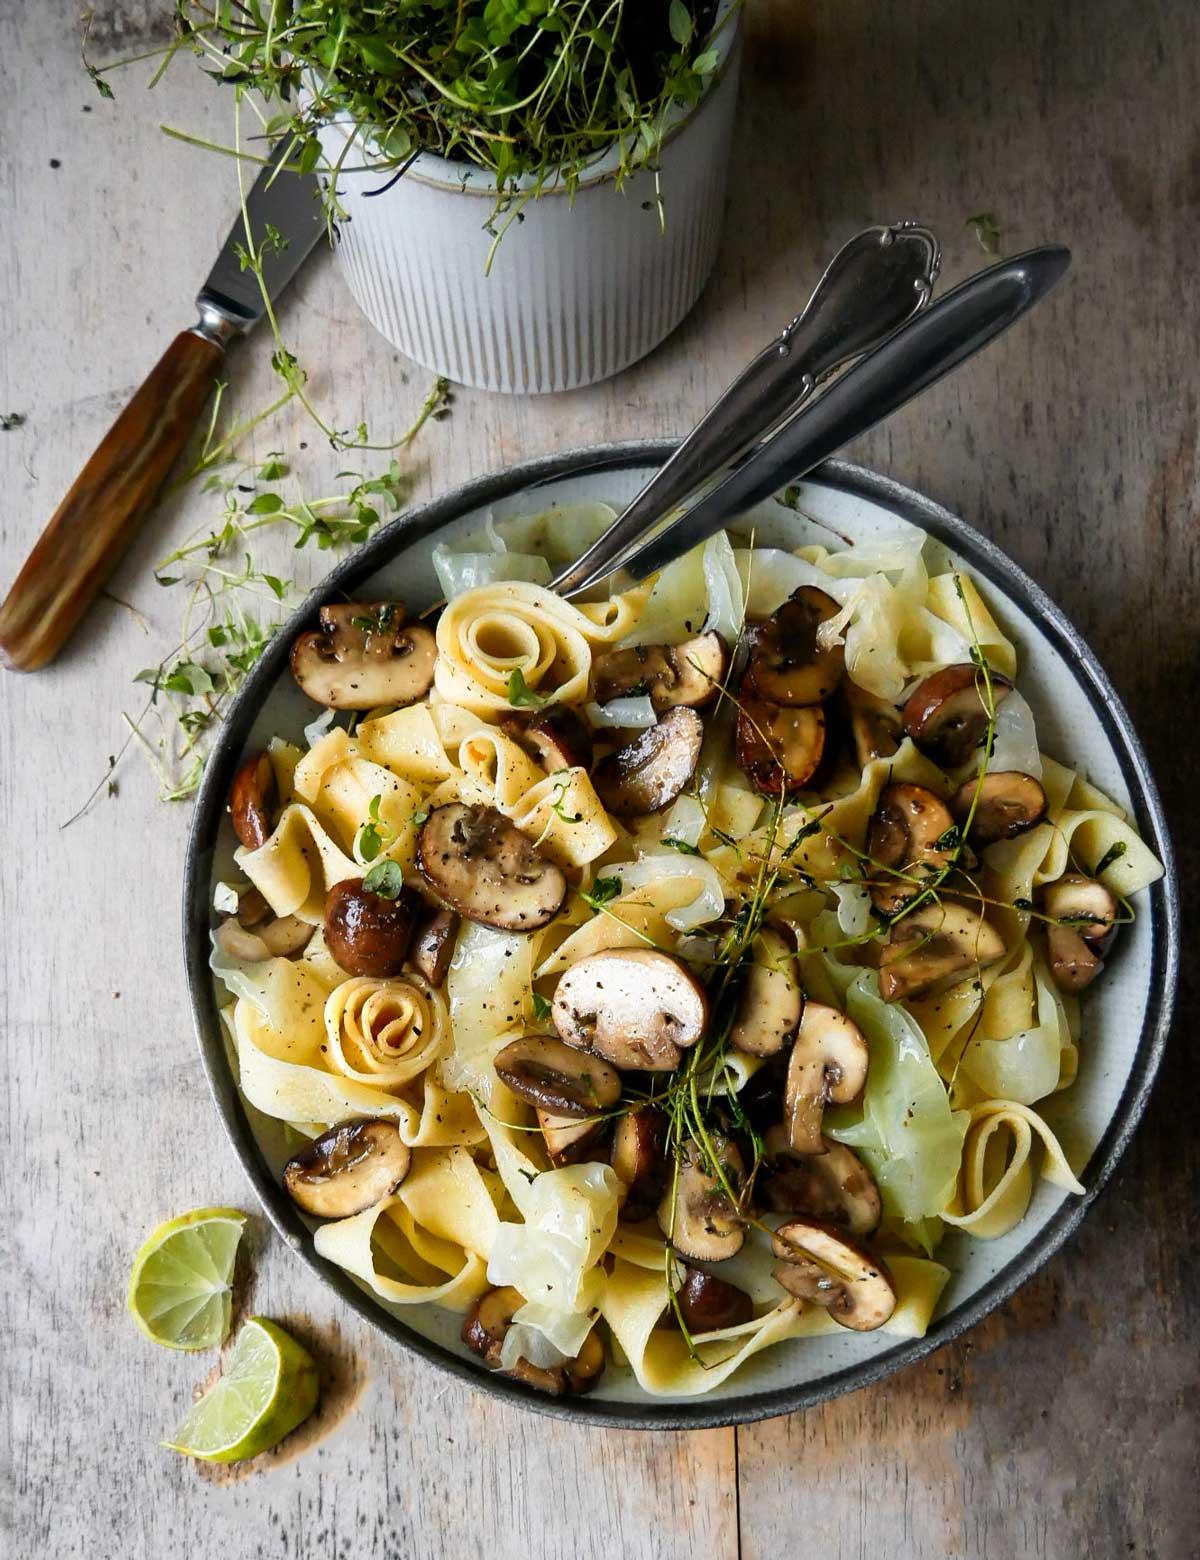 båndpasta til vegansk aftensmad med svampe